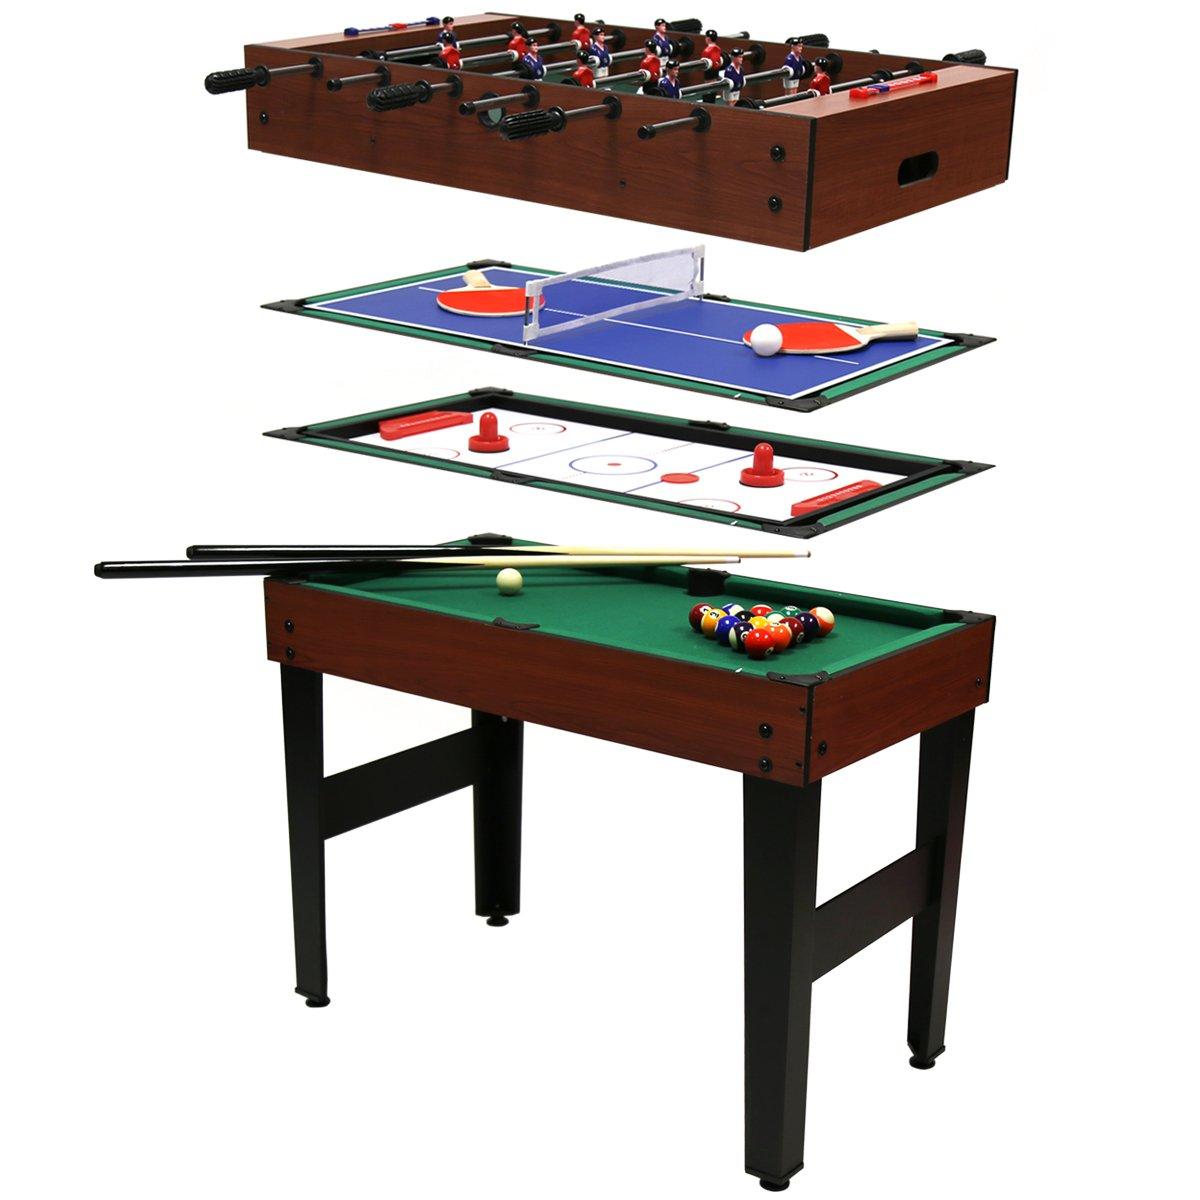 Multi-Spieltisch 4 in 1 – Poolbillard, Tischfußball, Tischhockey & Tischtennis online bestellen